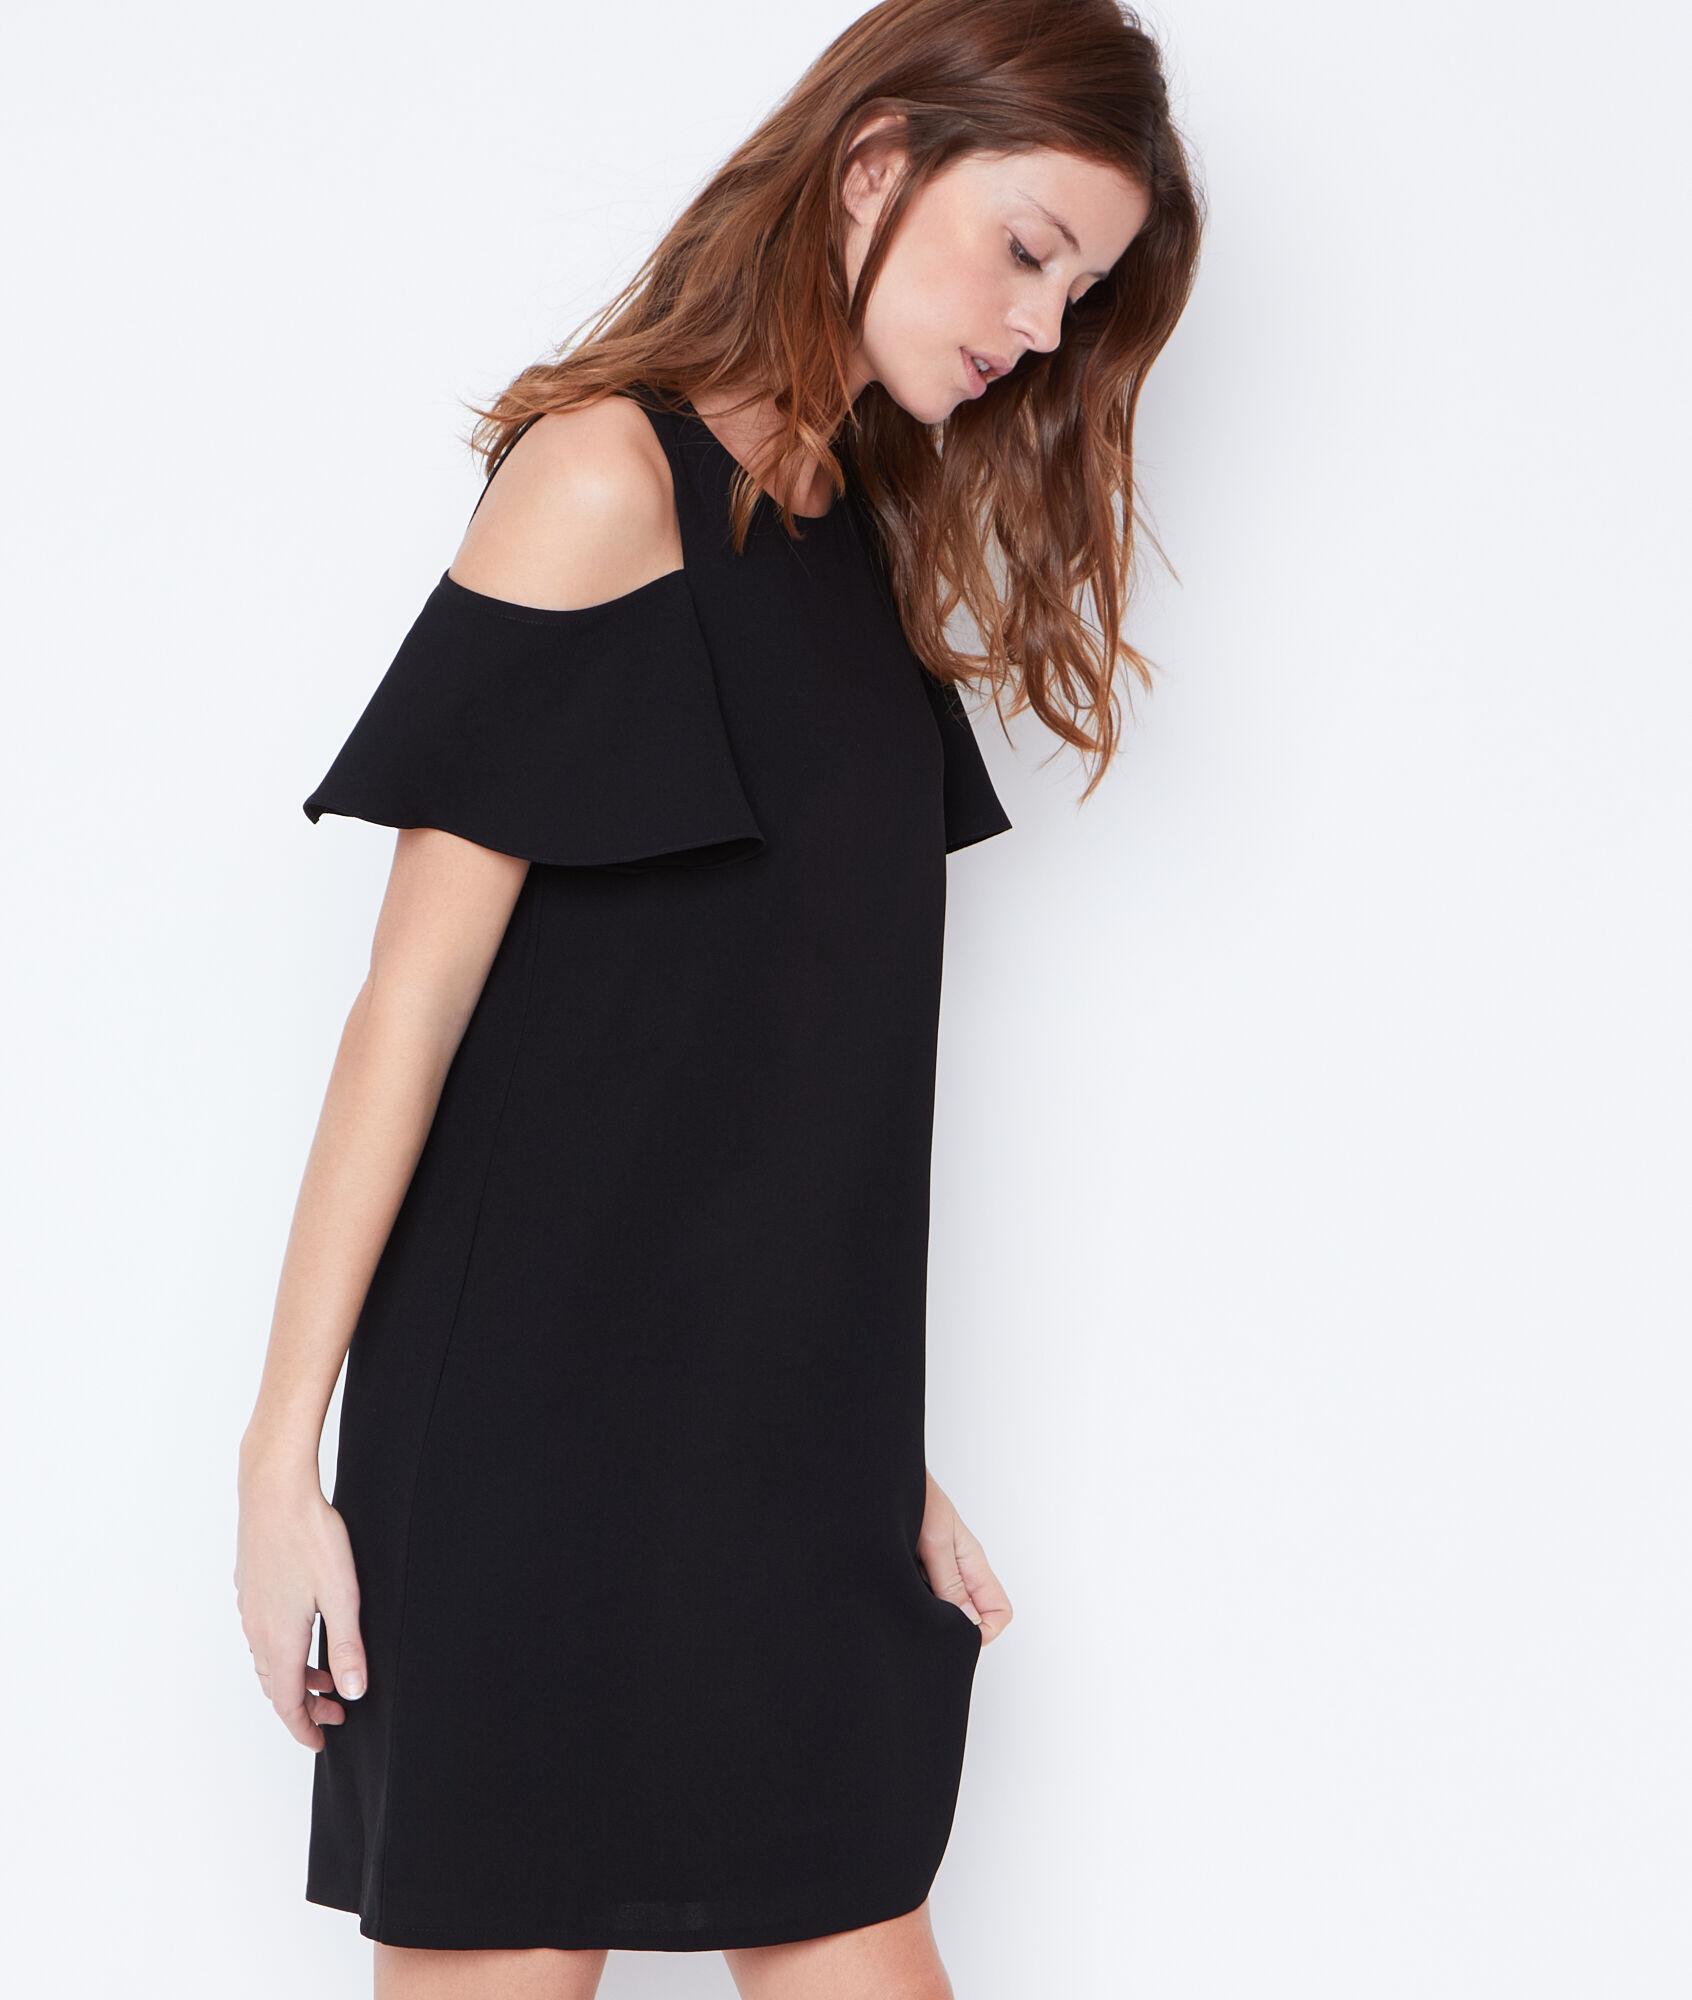 Robe noire dentelle etam